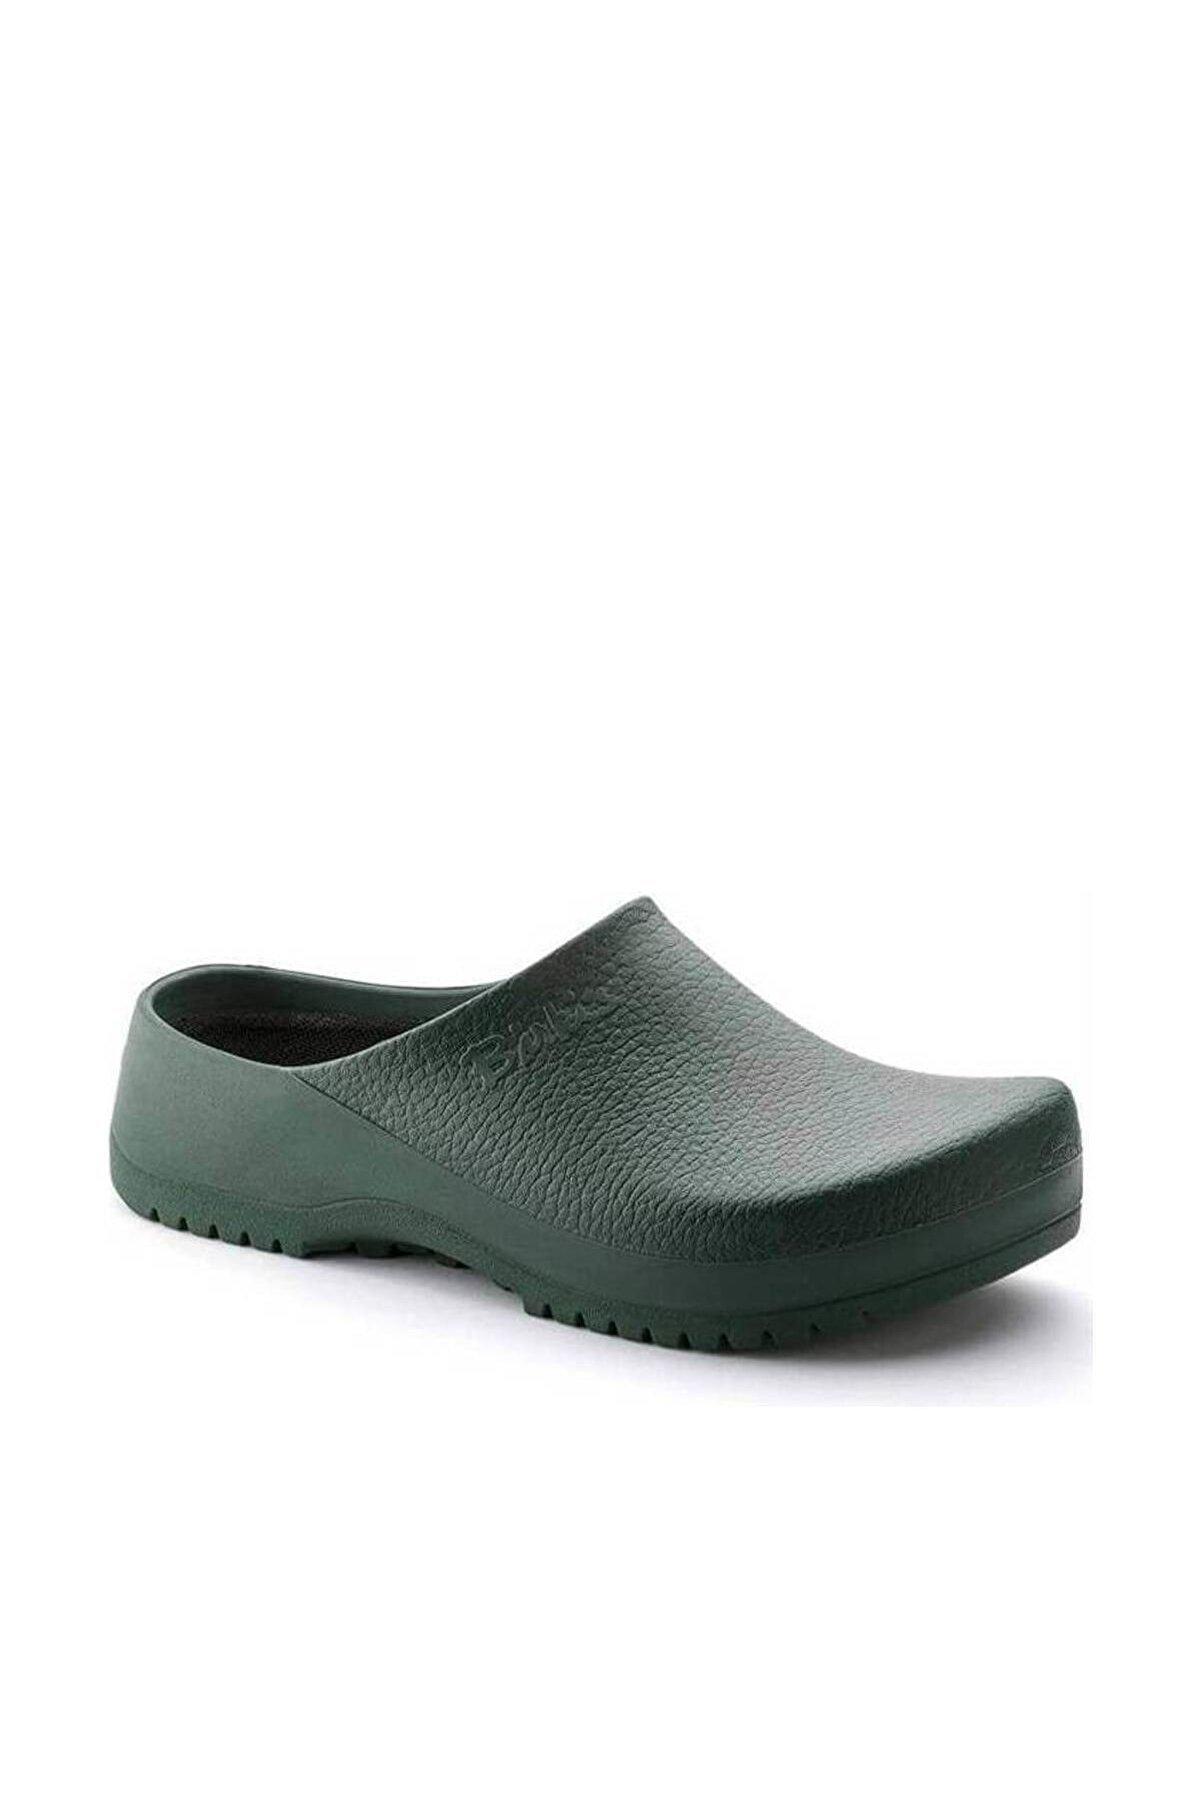 Birkenstock Superbırkı Yeşil Terlik 00068051